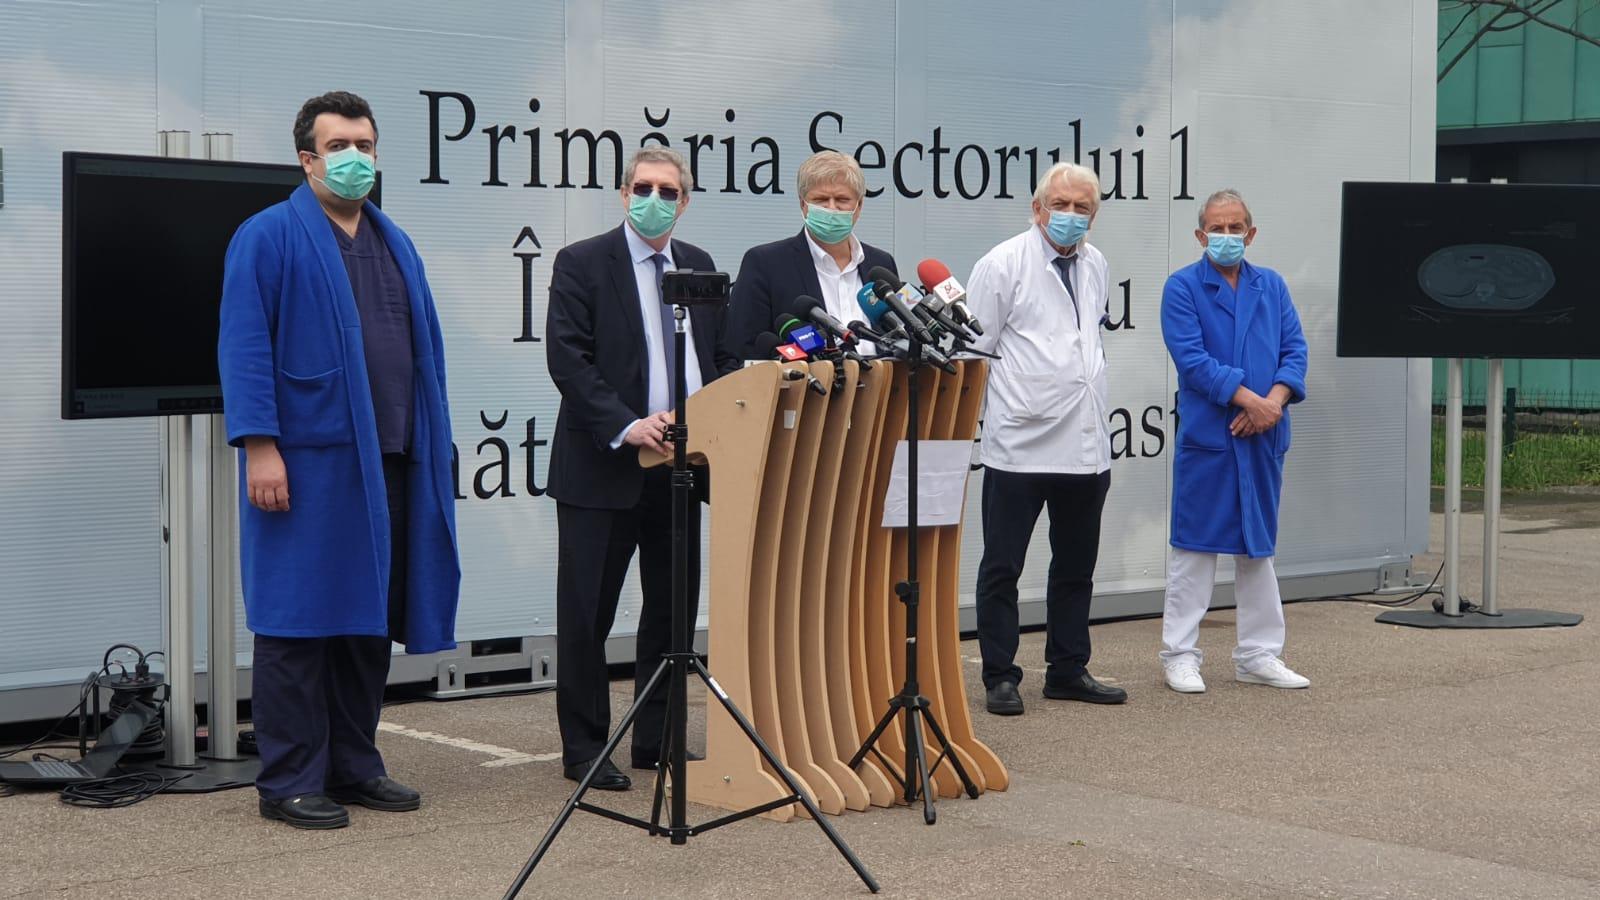 Premieră în România: Computer tomograf de ultimă generație pentru depistarea infectării cu COVID-19